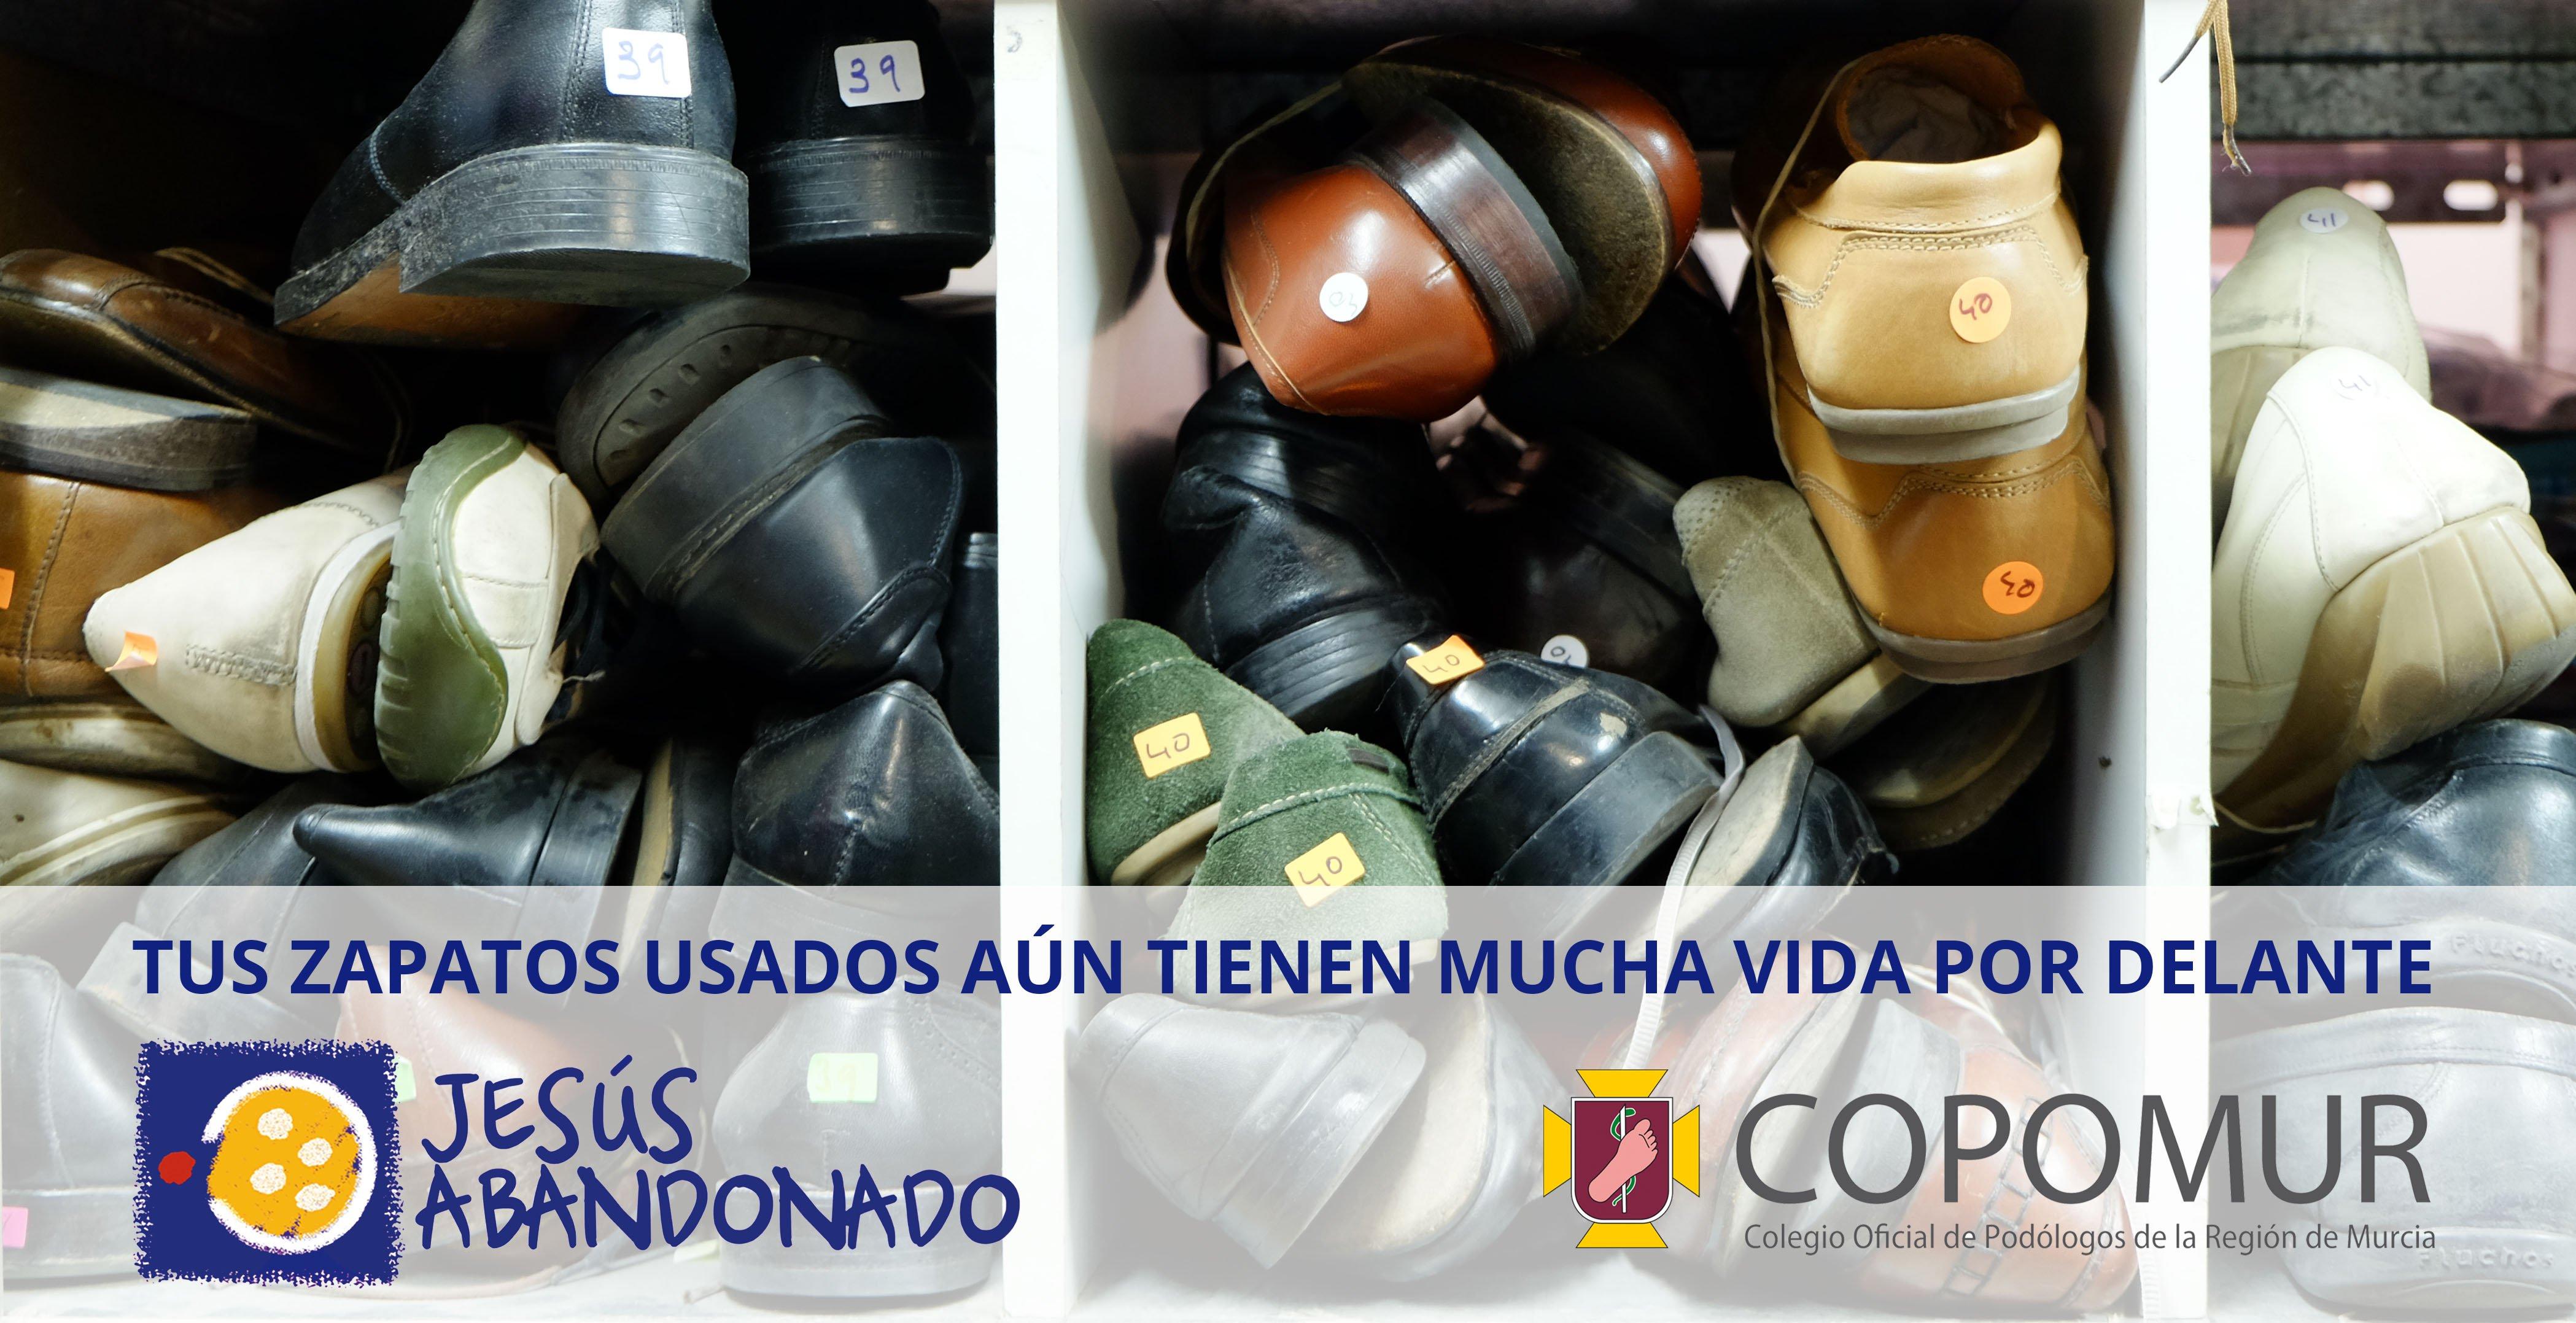 CAMPAÑA DE RECOGIDA DE ZAPATOS EN LAS CONSULTAS DE PODOLOGÍA